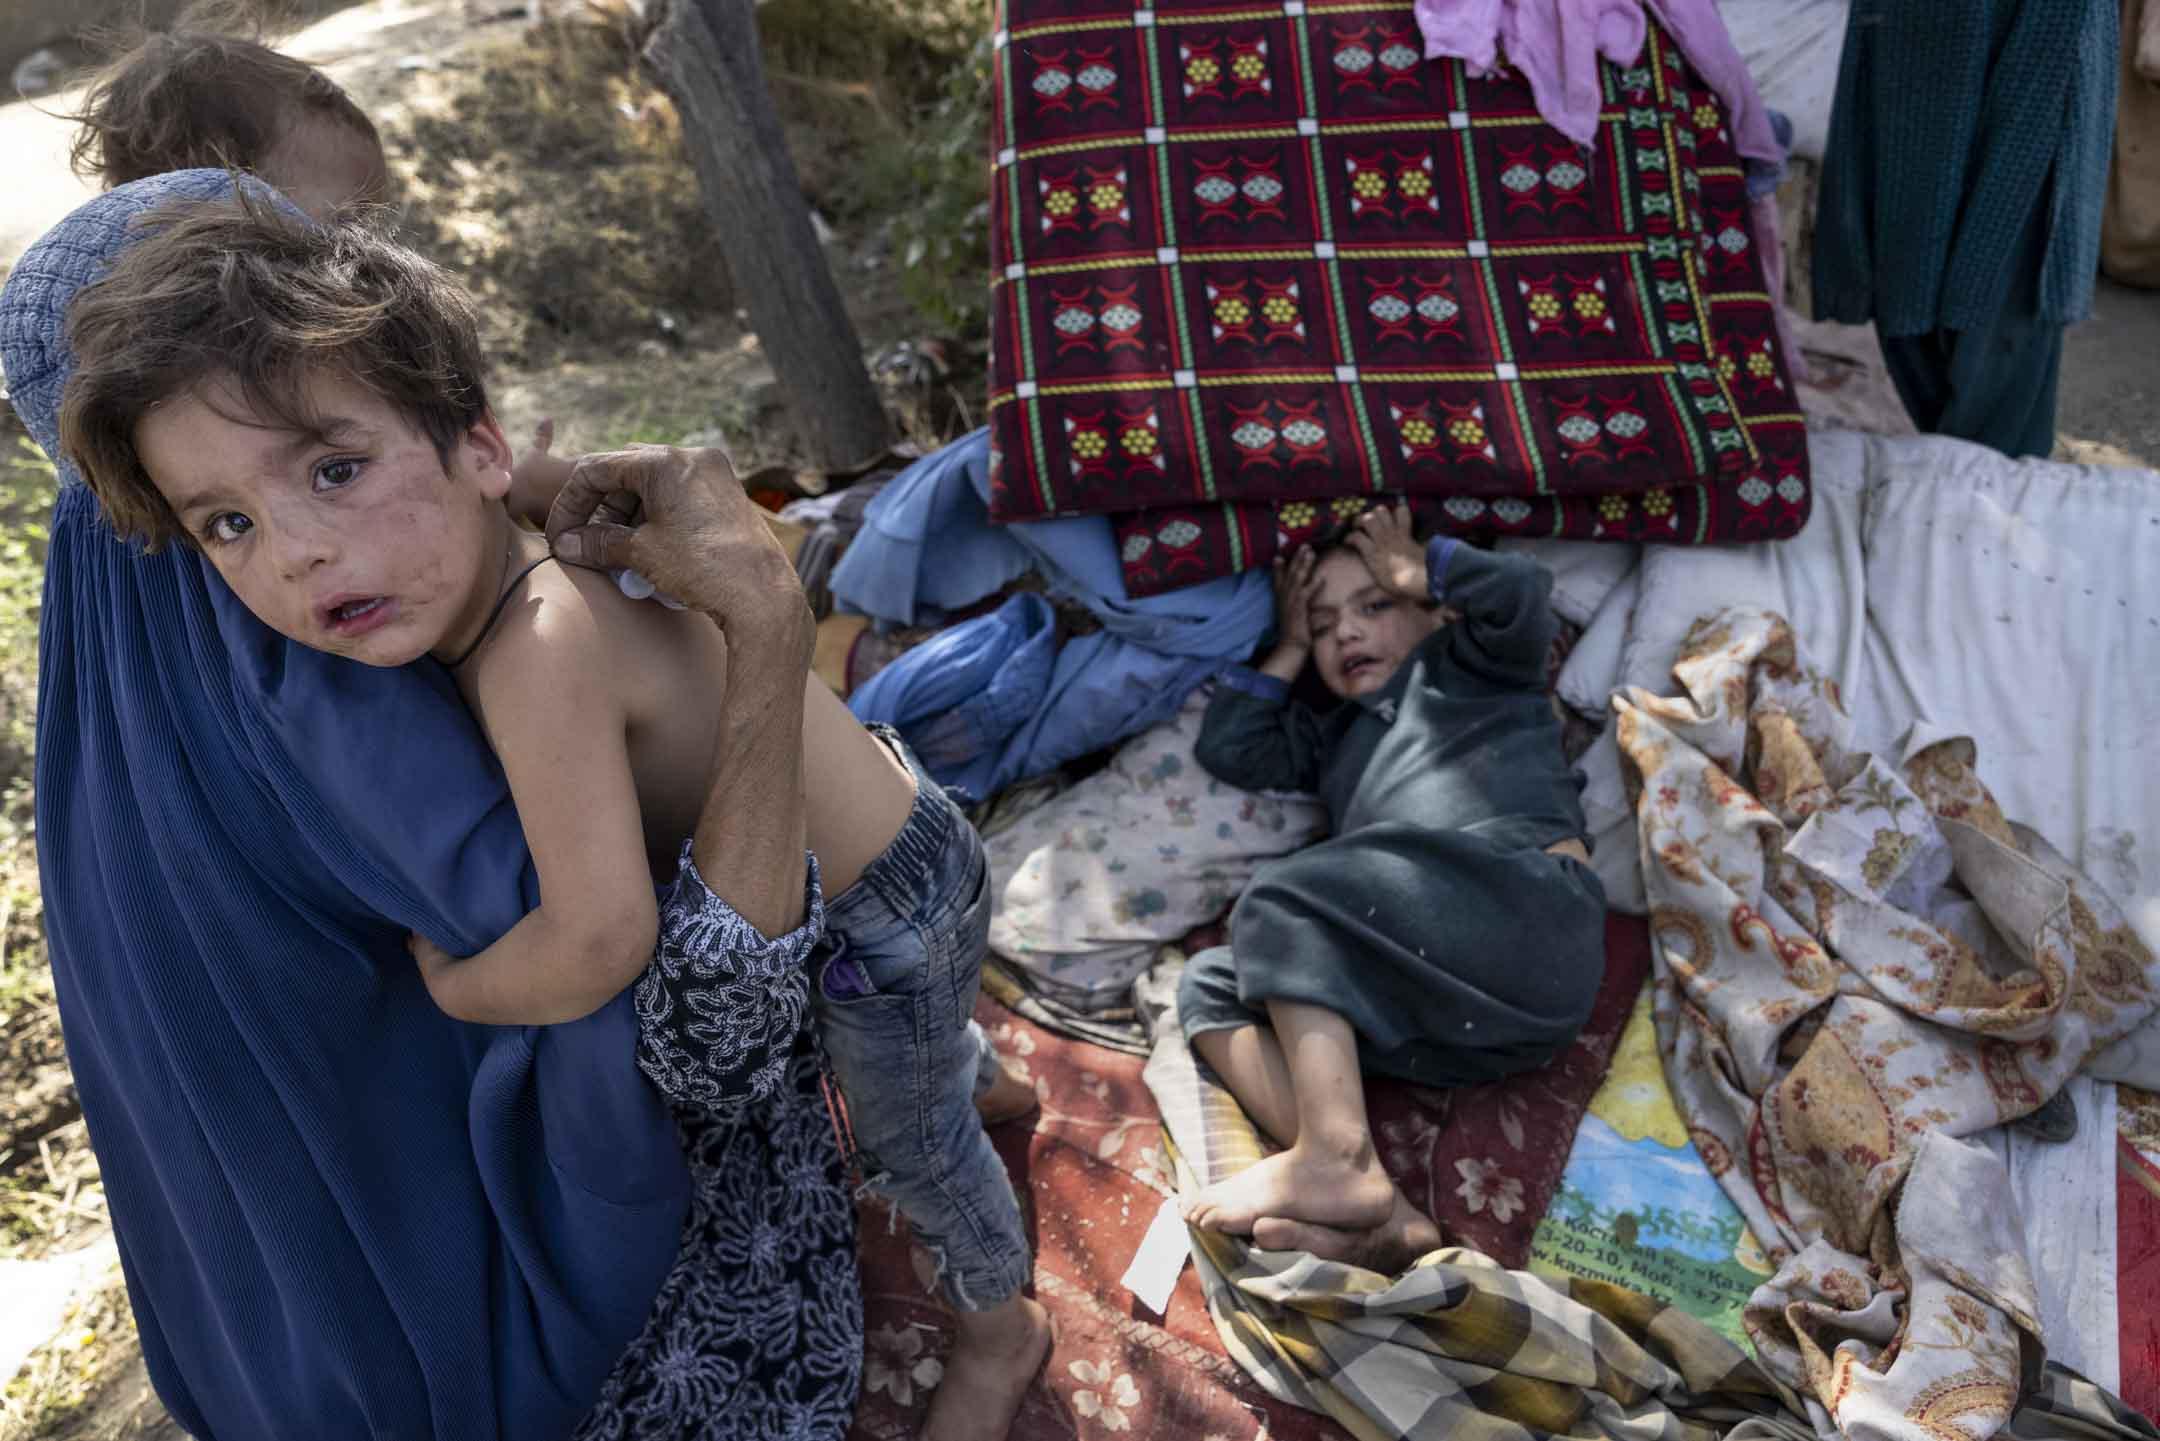 2021年8月10日,流離失所的阿富汗人拼命離開家園,抵達一個臨時營地,自從美軍今年加快撤軍以來,塔利班已經逐漸控制阿富汗。 攝:Paula Bronstein /Getty Images